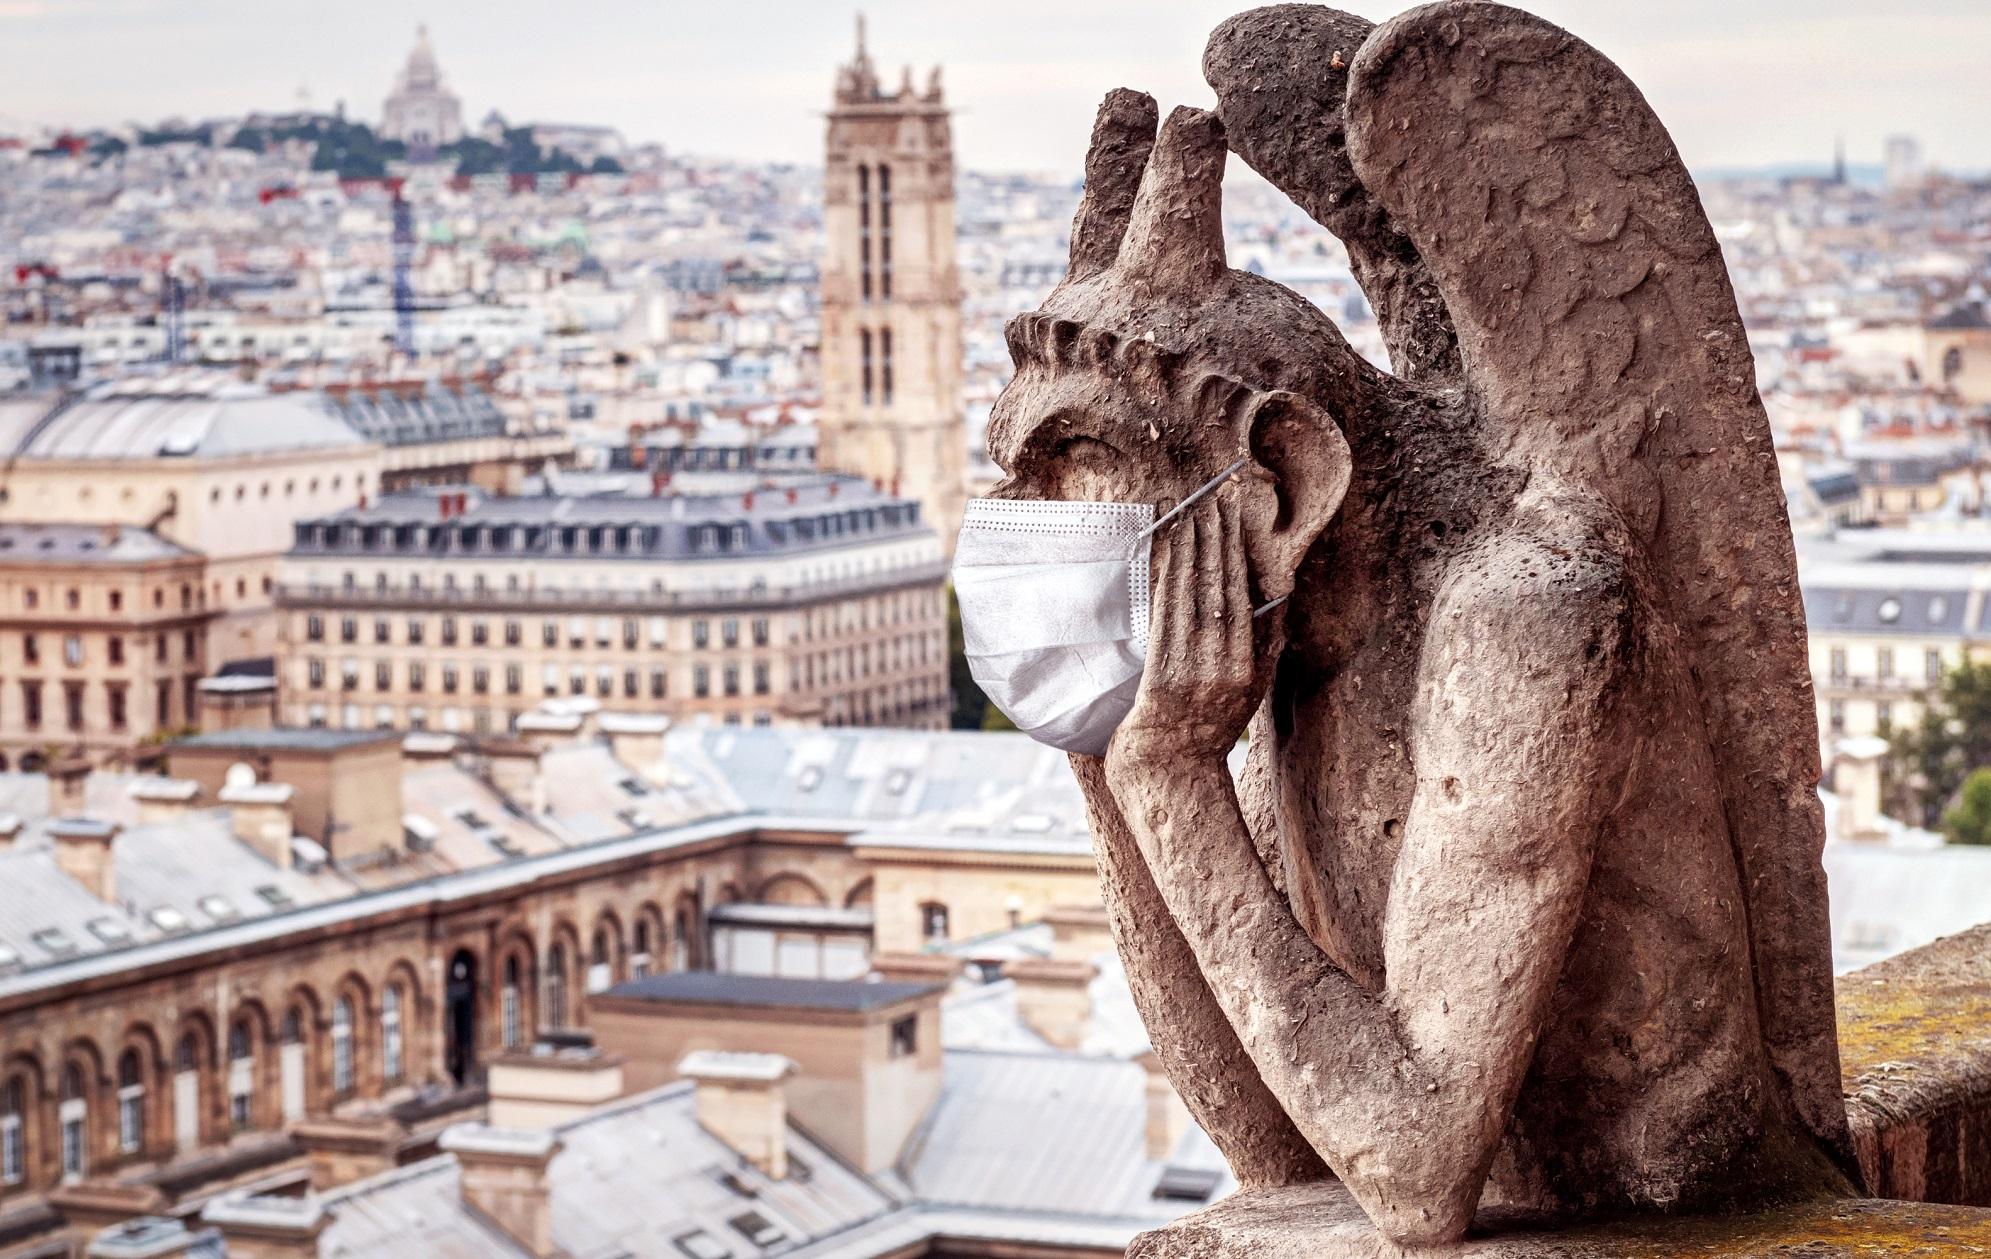 Госсовет Франции отклонил требование католических епископов о разрешении публичных служб